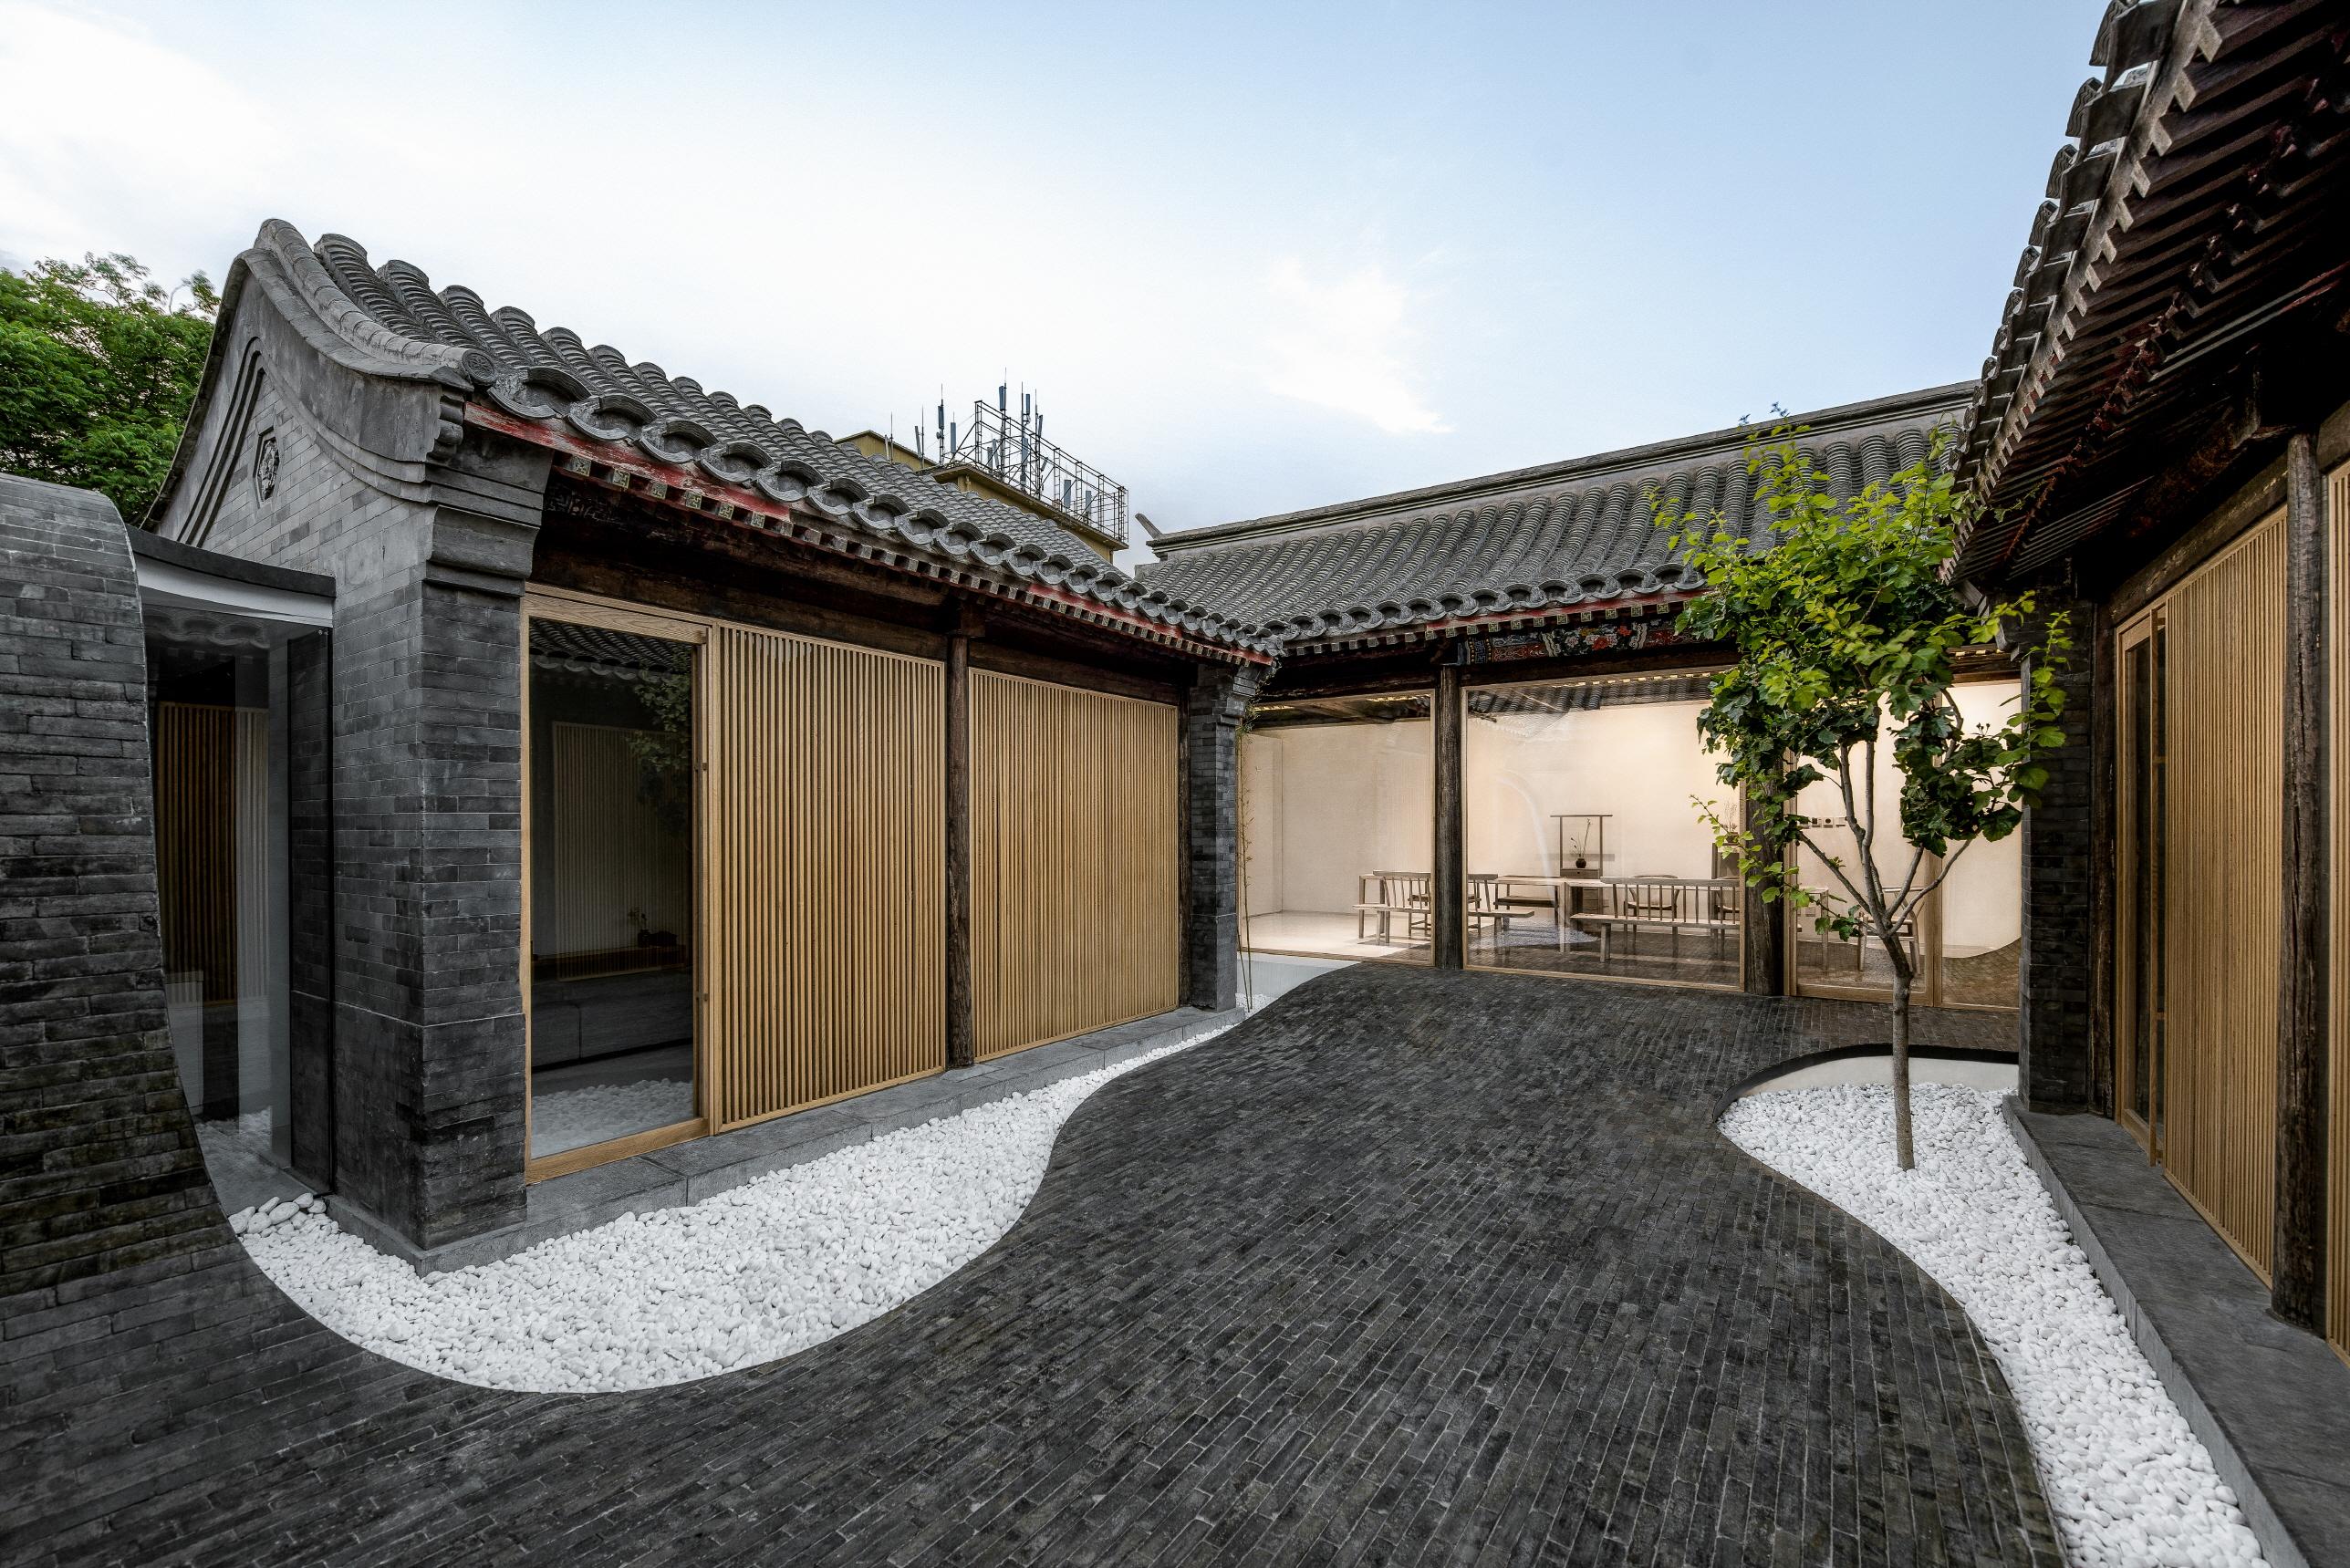 〔안정원의 디자인 칼럼〕 뒤틀린 중정에 바닥과 벽, 지붕으로 이어지는 연속된 코트야드 1